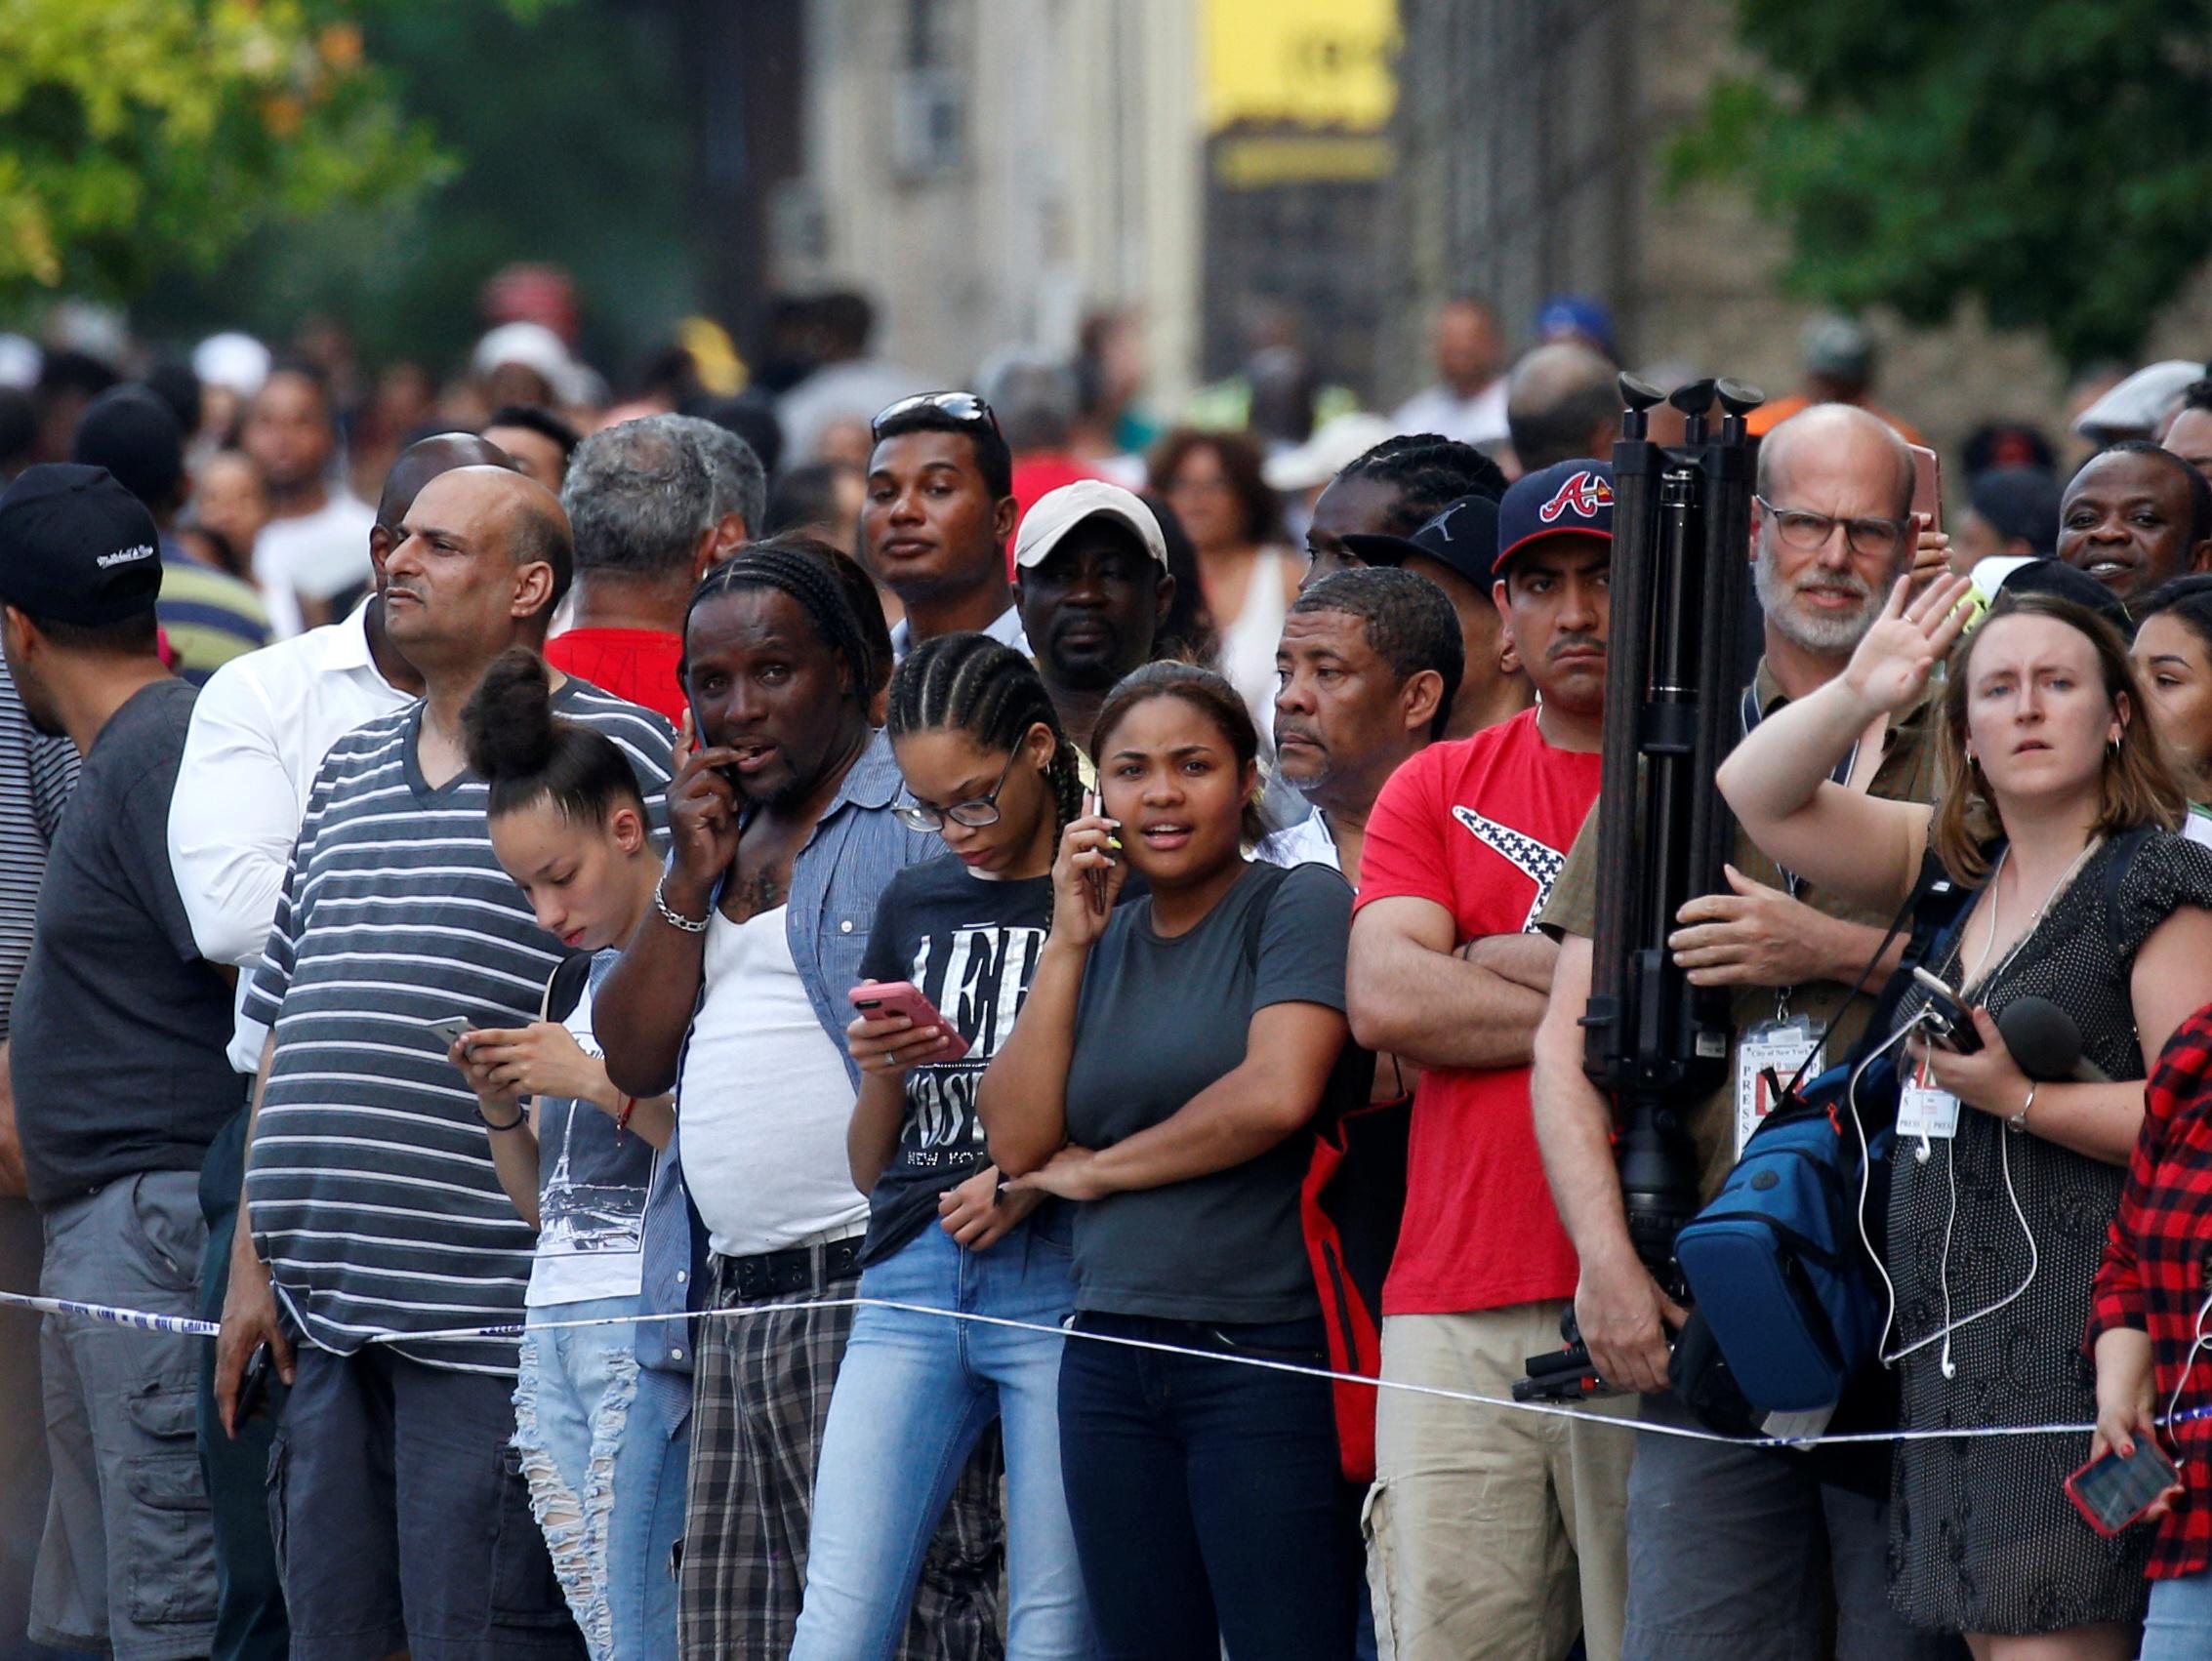 5803c824c7e8c abcnews.go.com The Bronx Hospital Shooting So Far